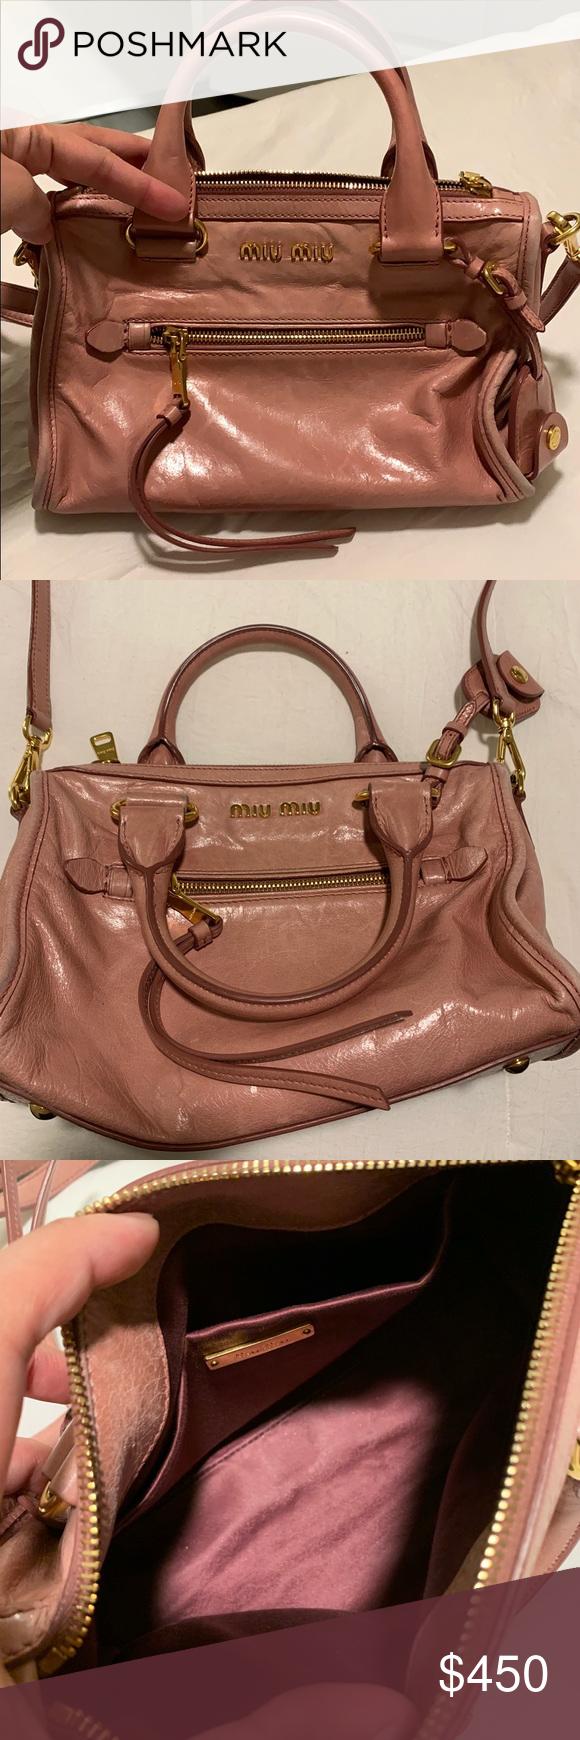 b3d1a6db27af Miu Miu crossbody bag crossbody blush bag Miu Miu Bags Crossbody Bags